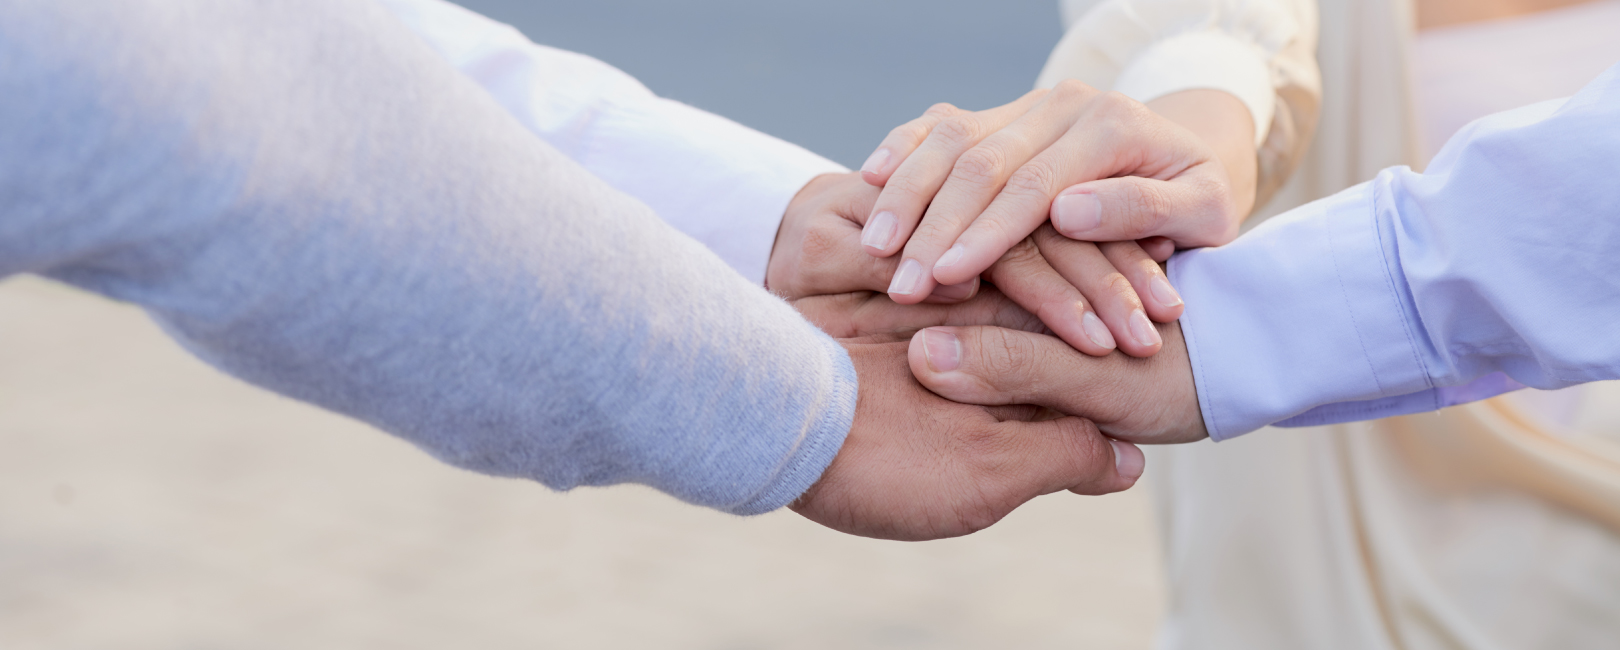 Confianza, implicación y planificación, pilares del mentoring bidireccional